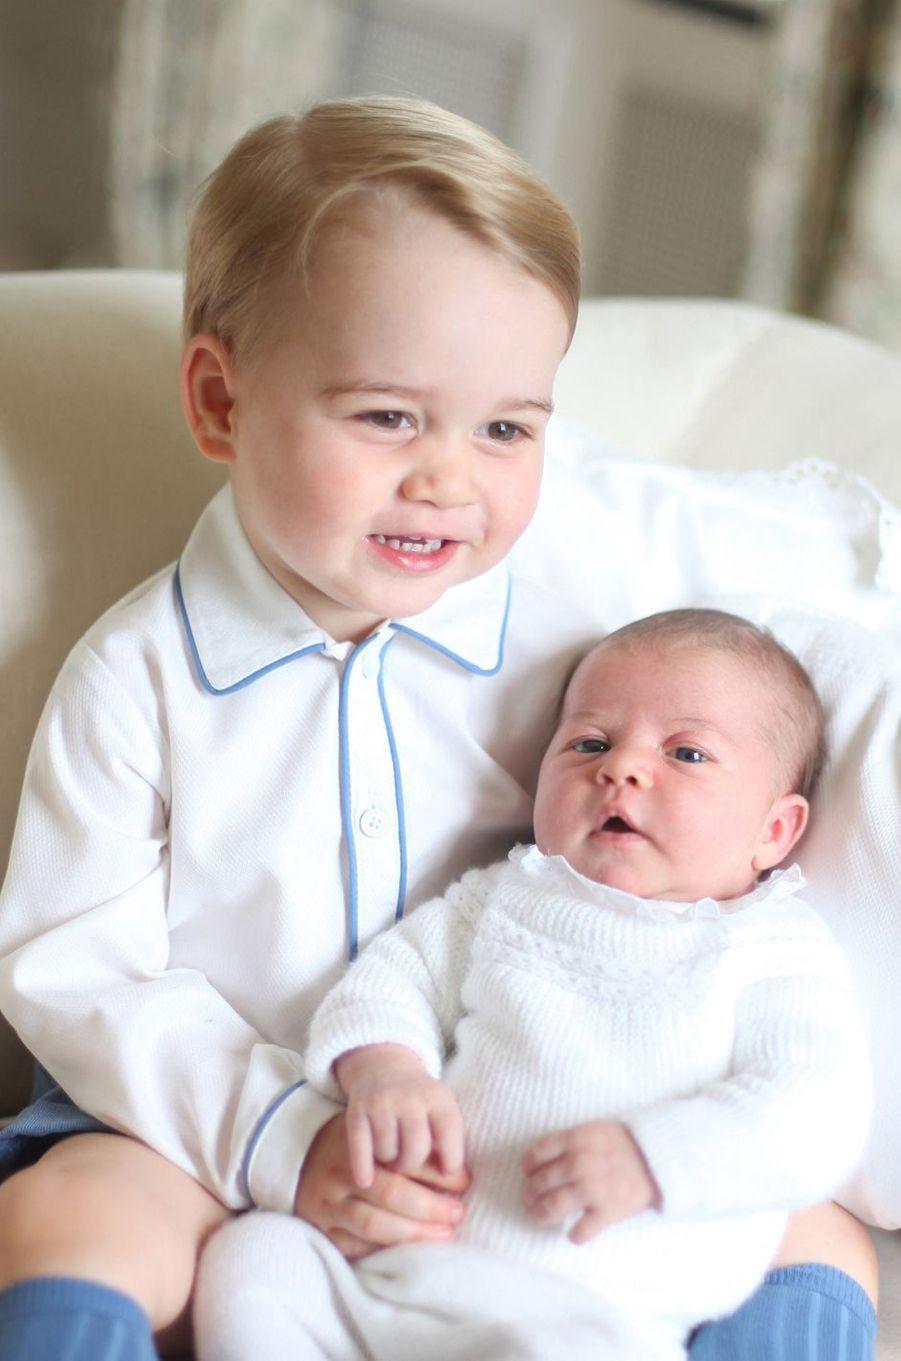 Le prince George et la princesse Charlotte de Cambridge, le fils aîné et la fille du prince William et de Kate Middleton. Photo diffusée le 6 juin 2015